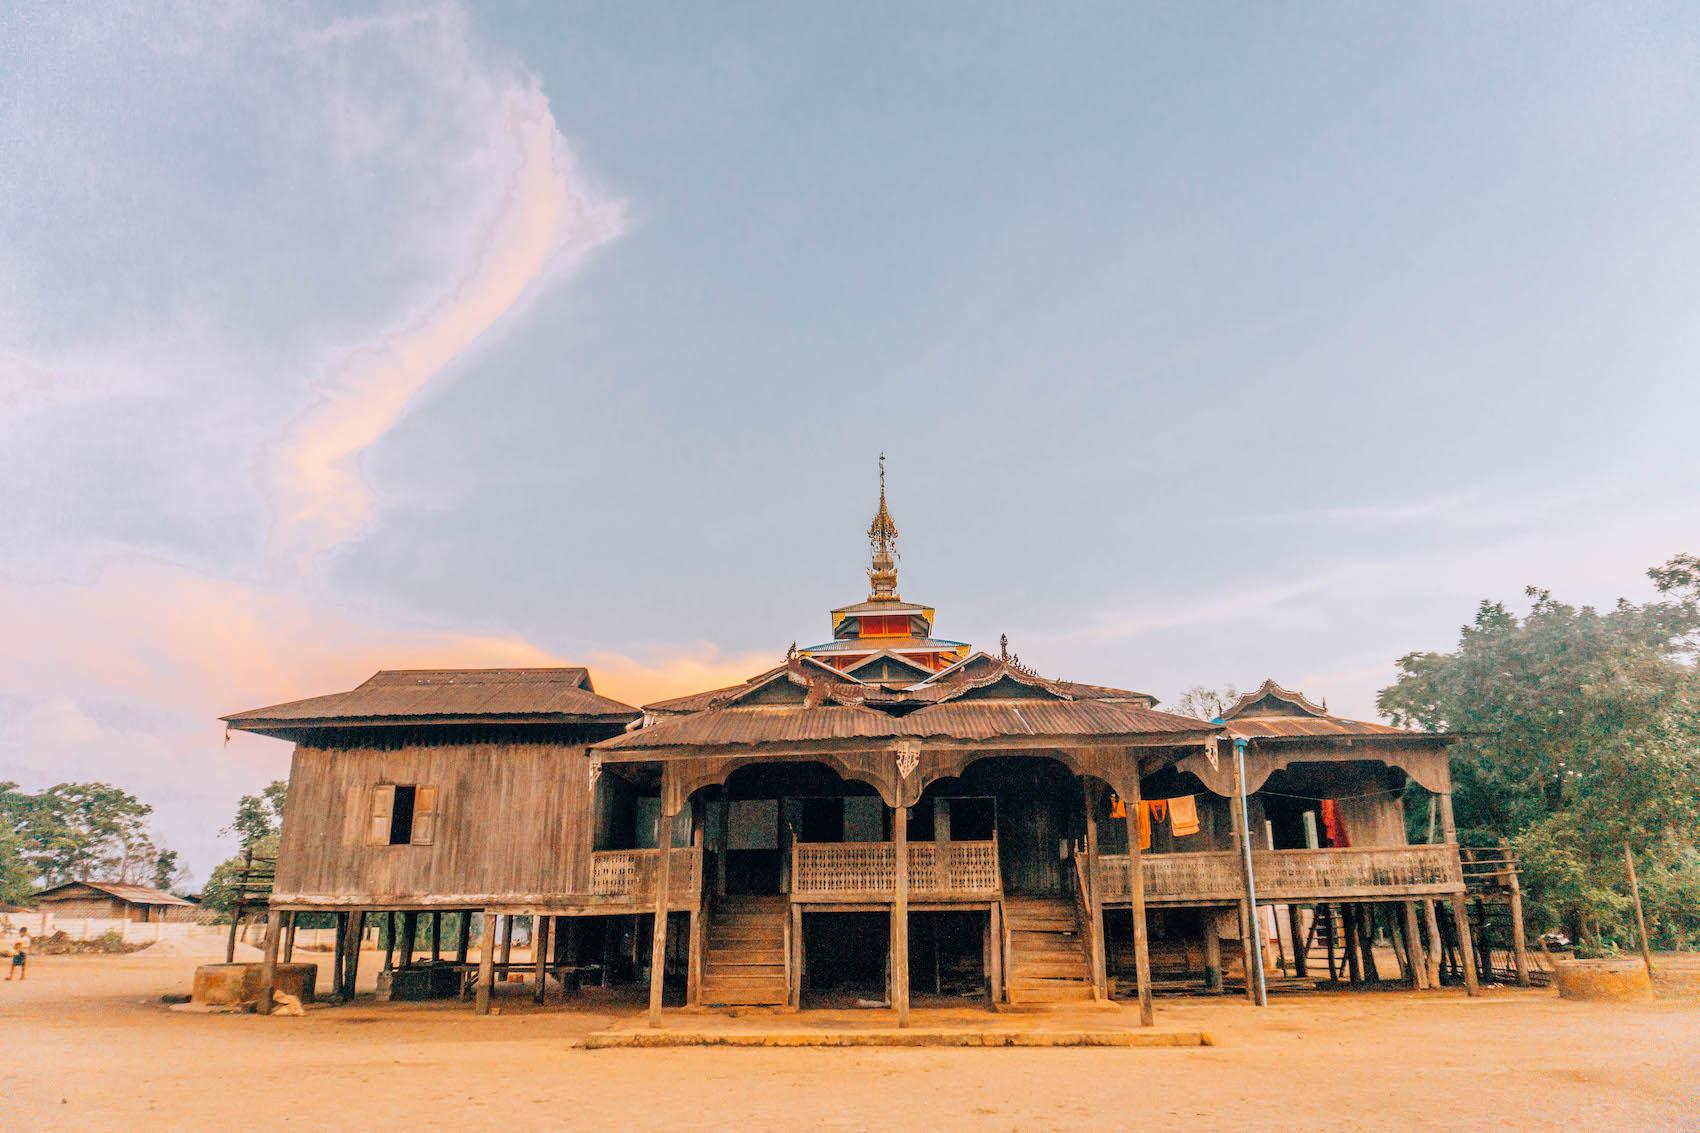 myanmar-unique-things-to-do-inle-lake-trek-1.jpg